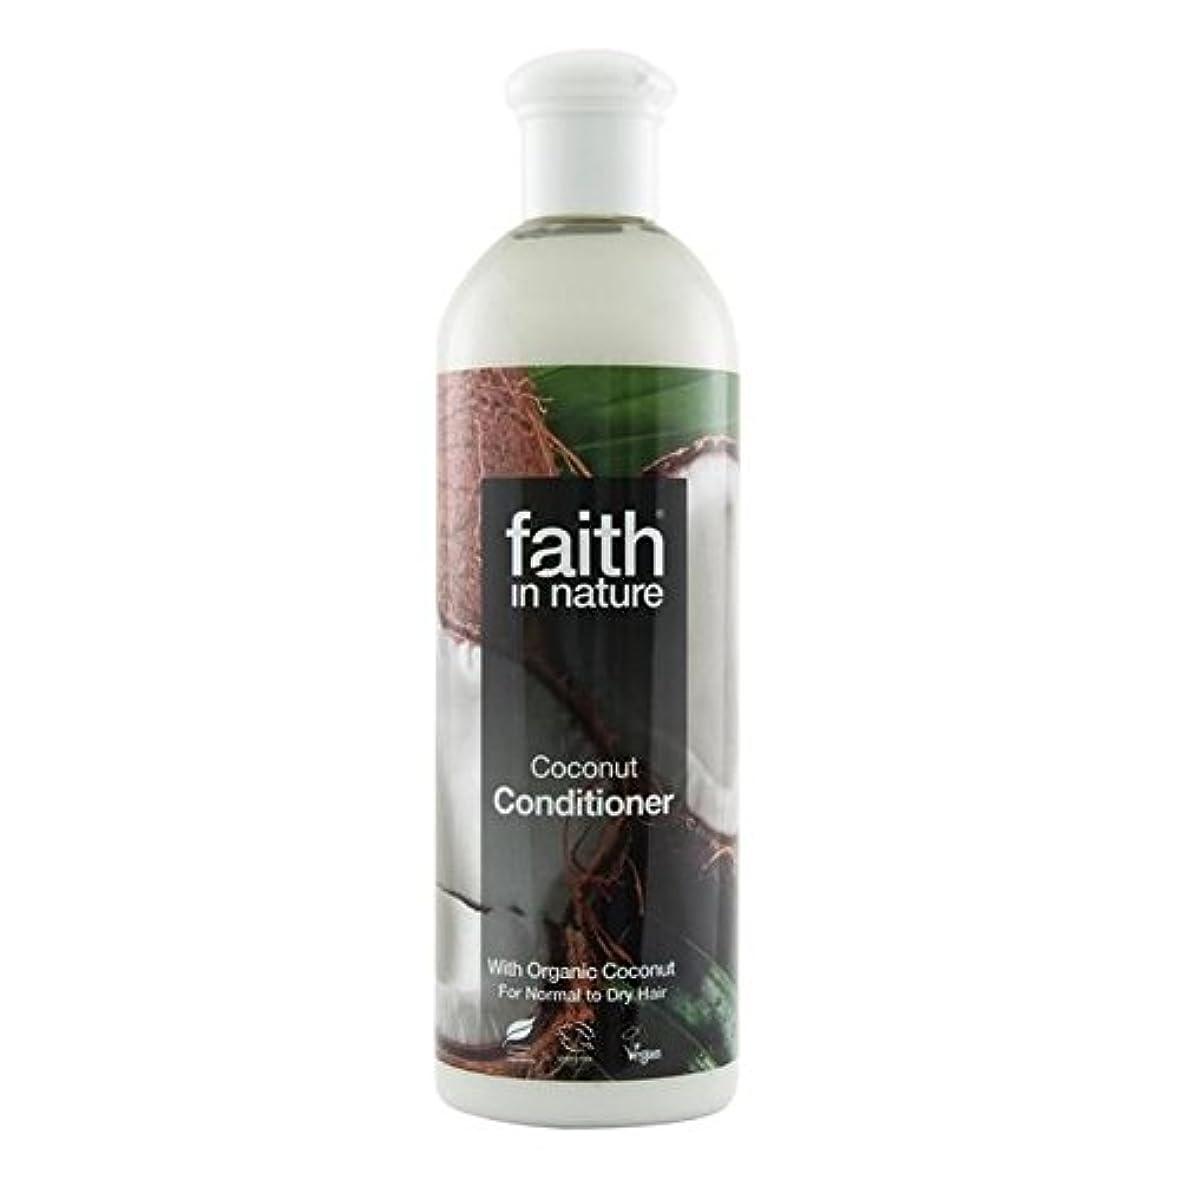 対処する眠り区画Faith in Nature Coconut Conditioner 400ml (Pack of 4) - (Faith In Nature) 自然ココナッツコンディショナー400ミリリットルの信仰 (x4) [並行輸入品]